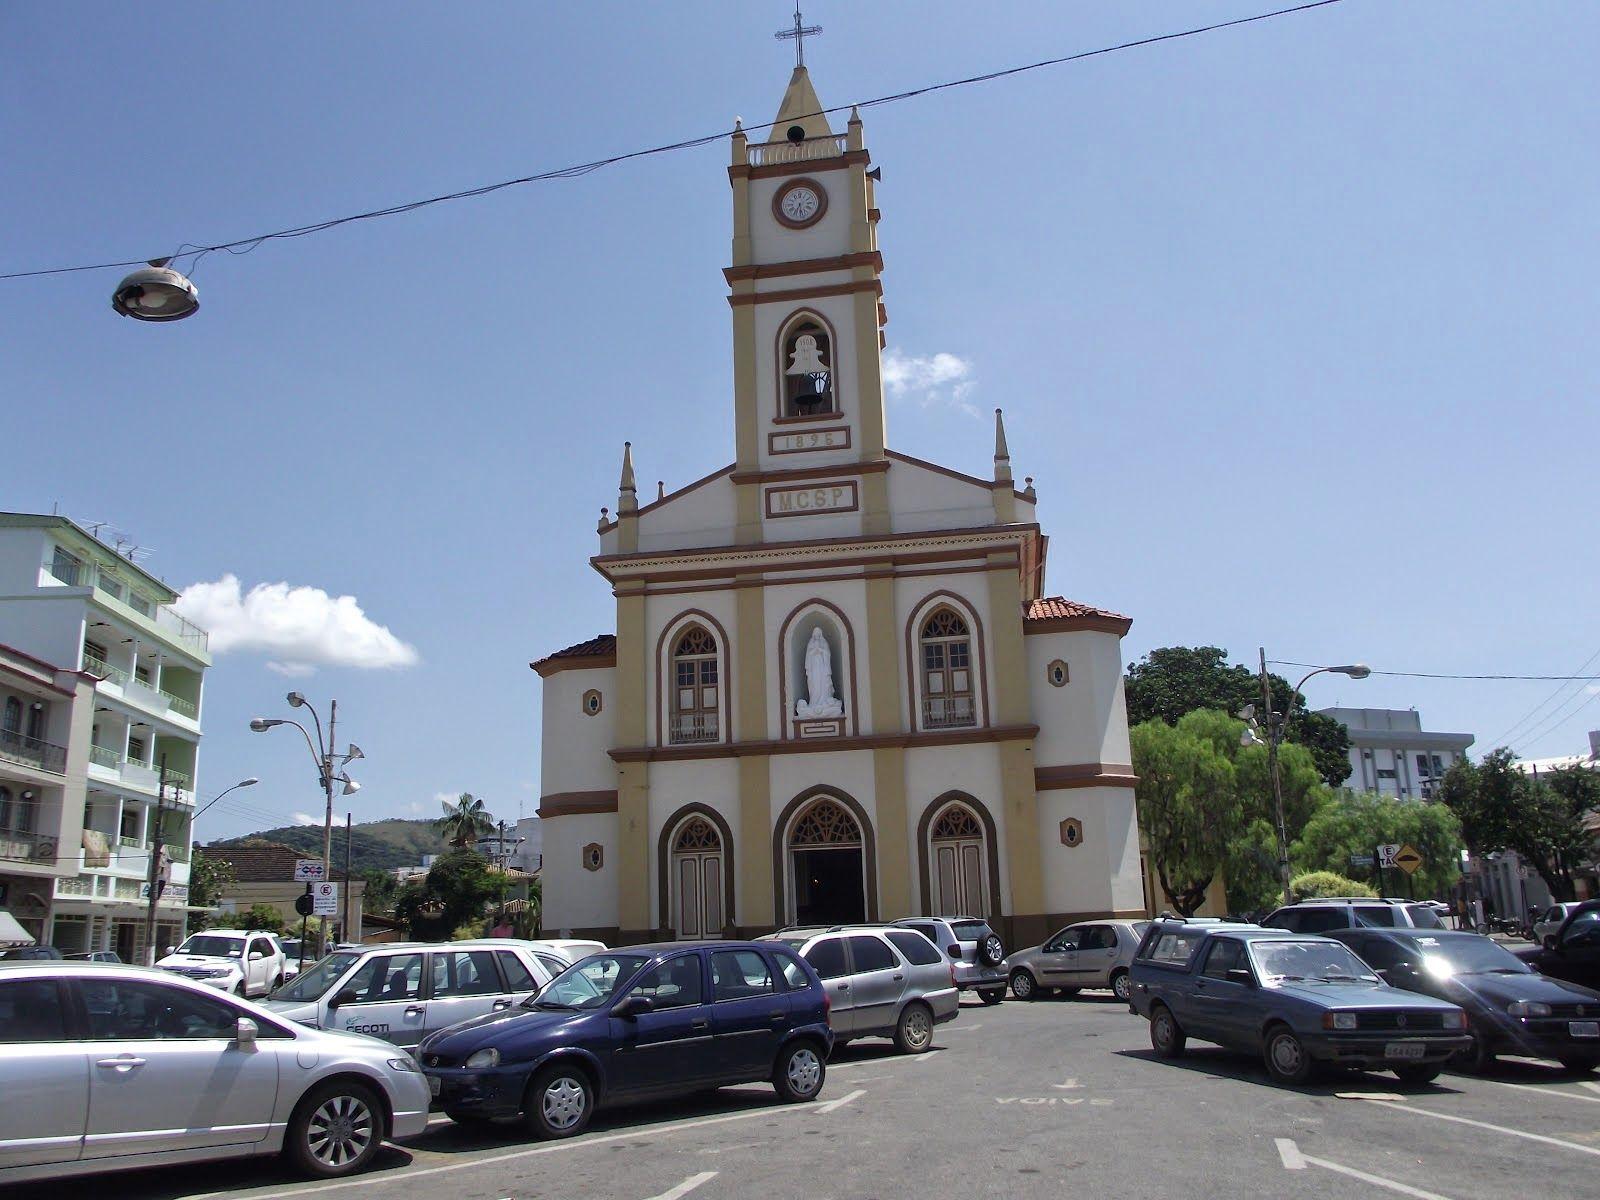 Cláudio Minas Gerais fonte: i.pinimg.com